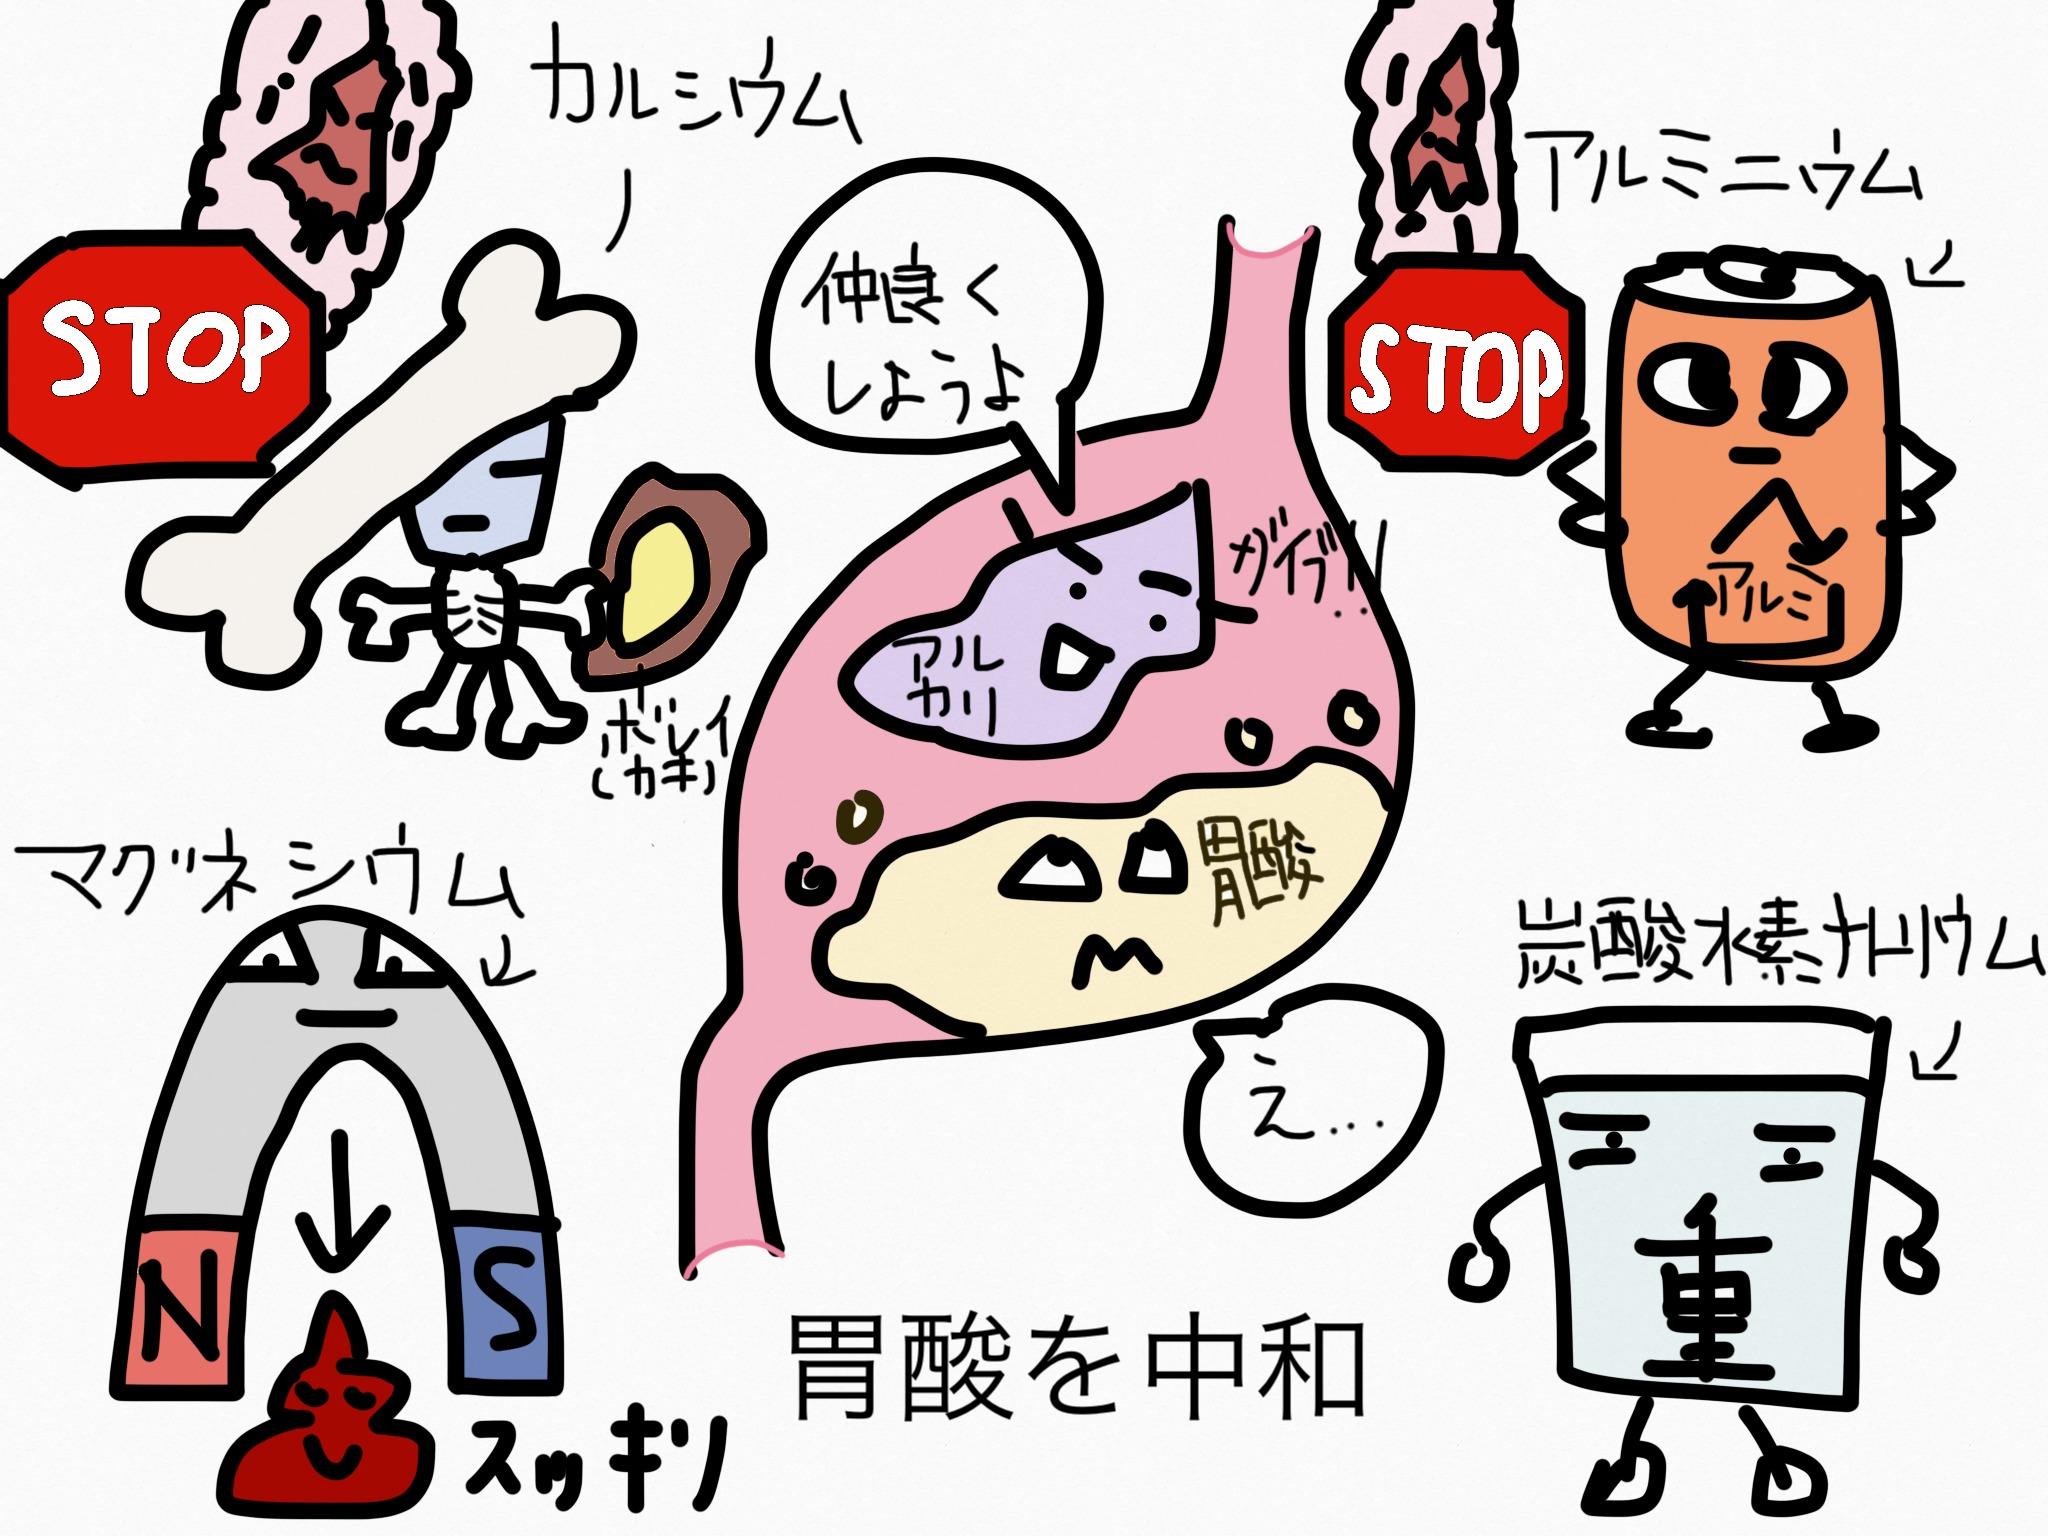 胃薬の成分まとめ・覚え方①制酸ー胃酸を中和